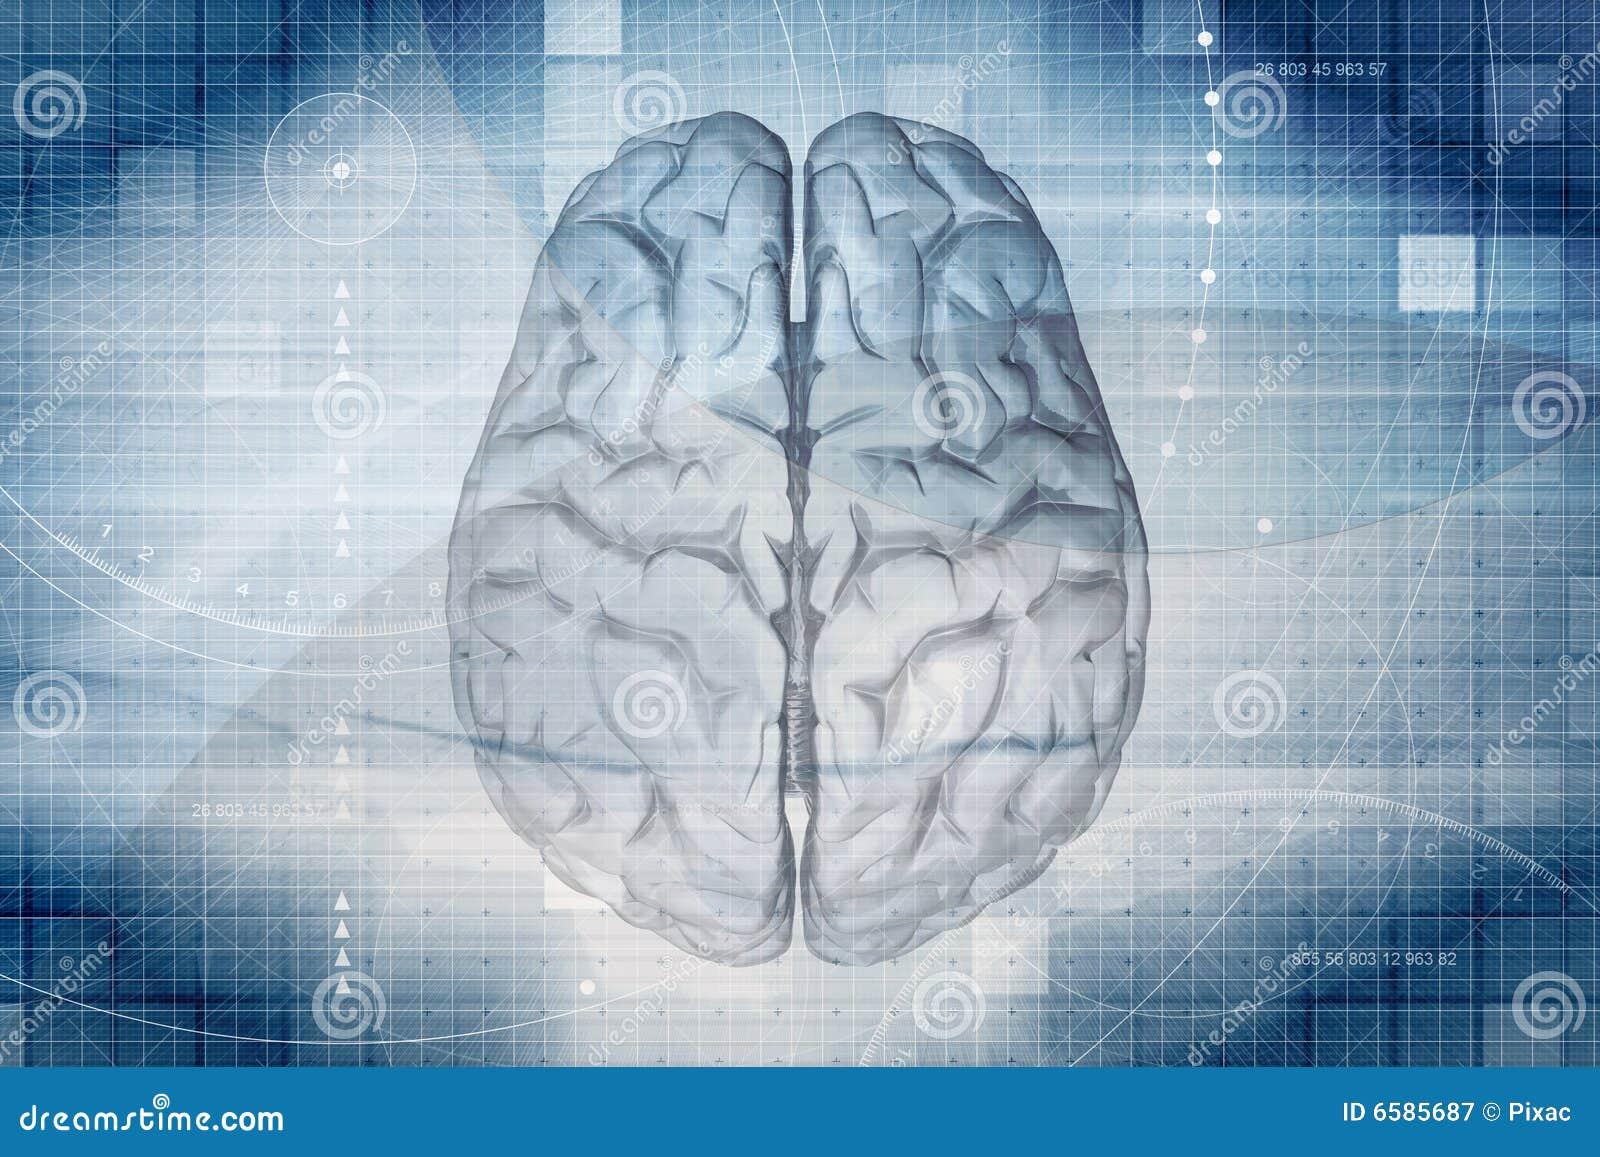 Gehirn-Hintergrund stock abbildung. Illustration von mitte - 6585687